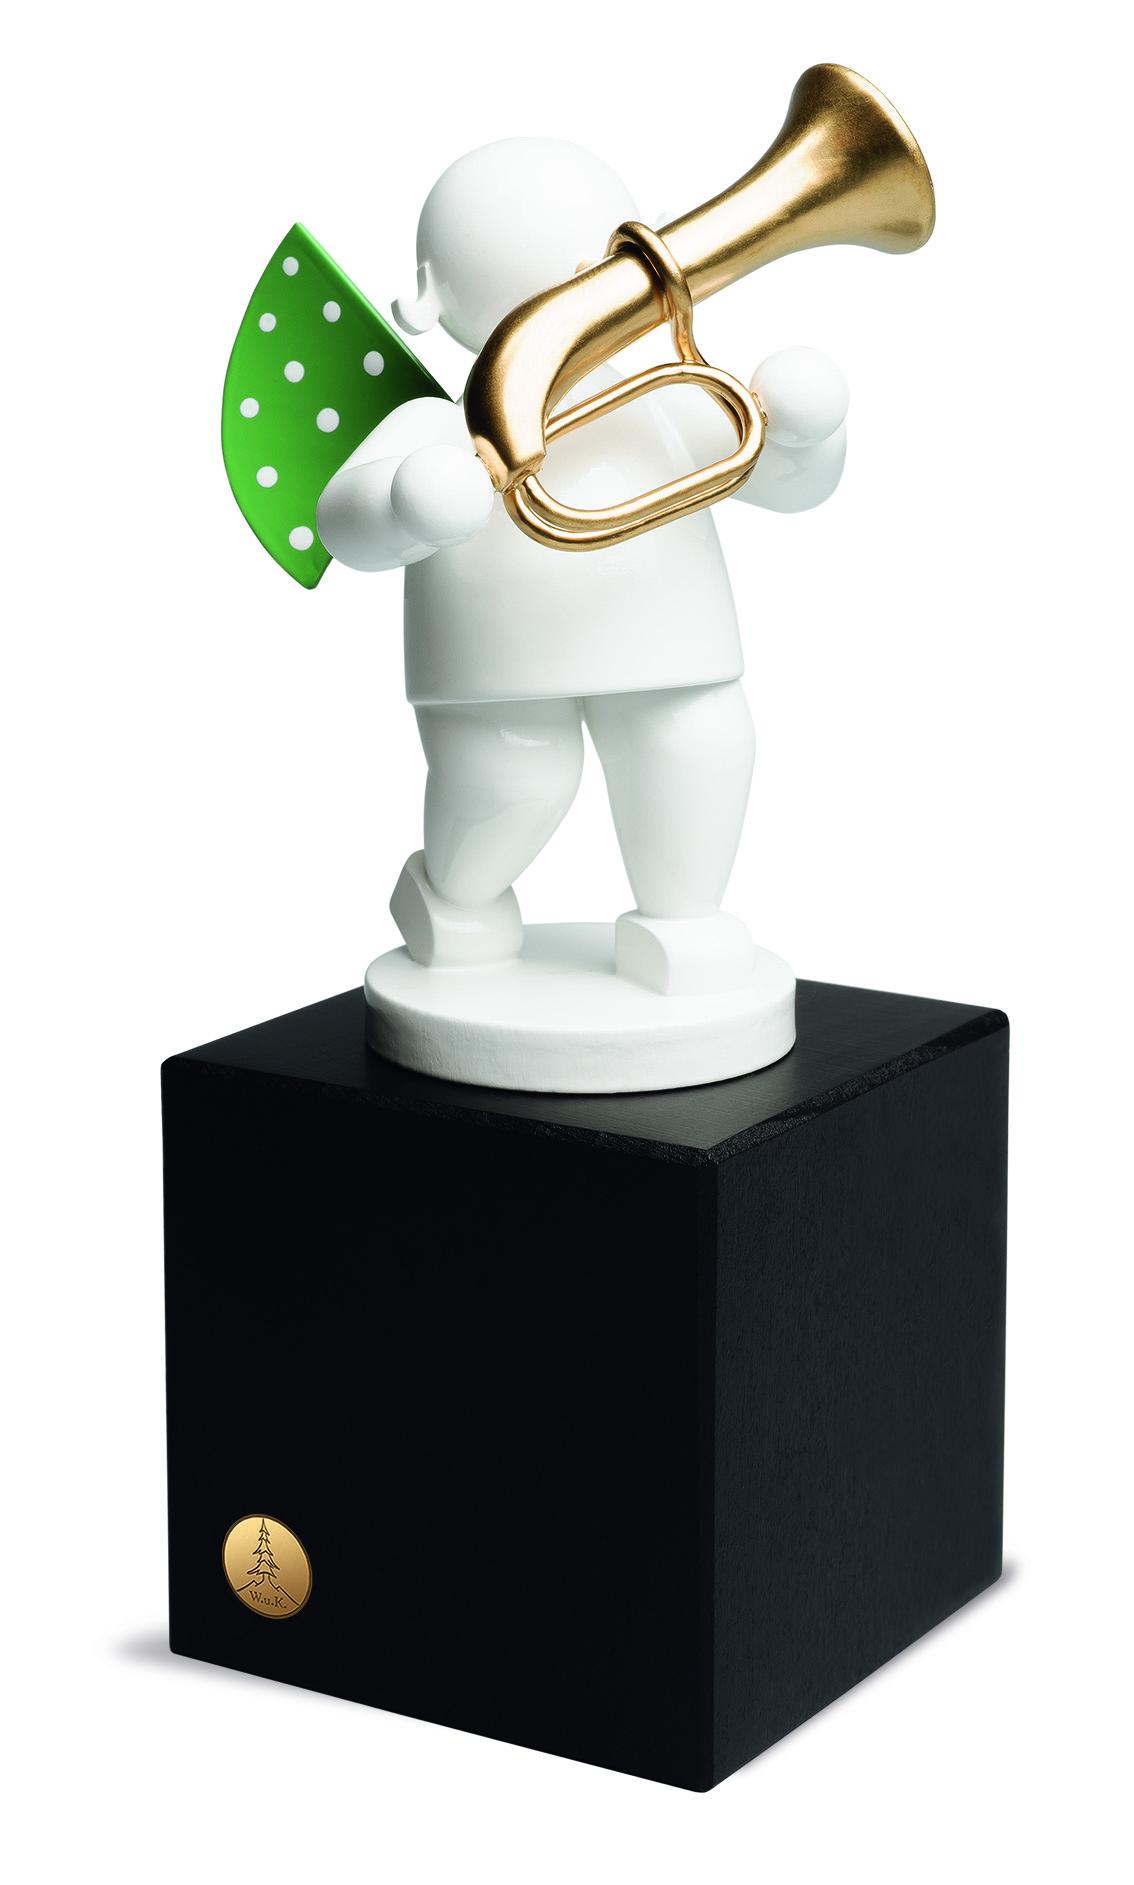 Edition Klangfarbe weiß,Engel mit Basstrompete, auf mittlerem Sockel